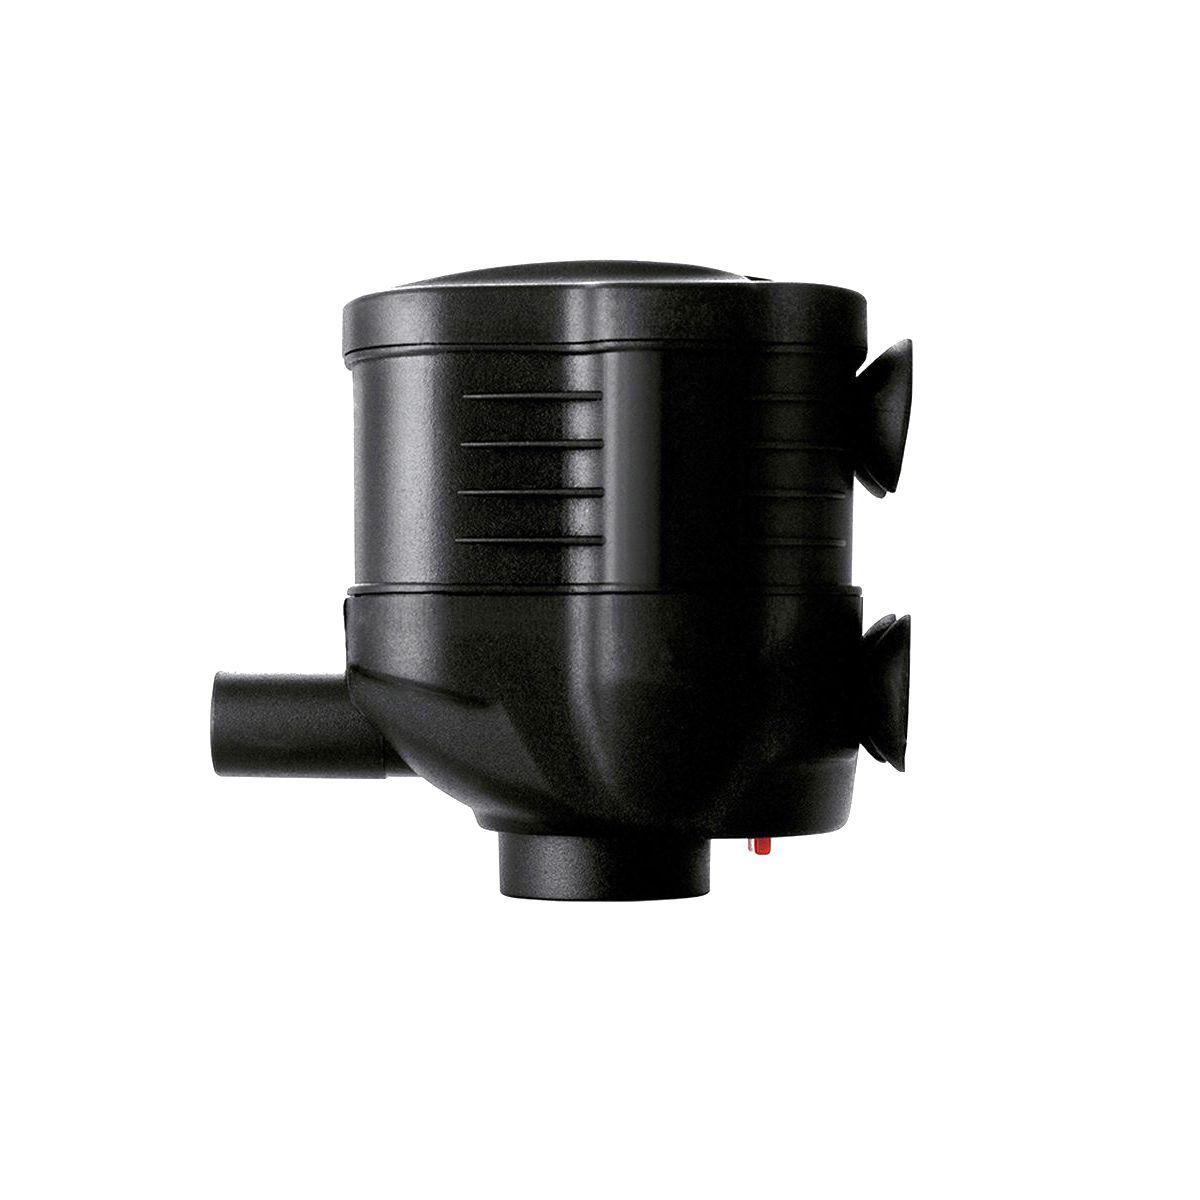 Bomba Submersa Sarlo Better Sb 800A de 300l/h a 800l/h